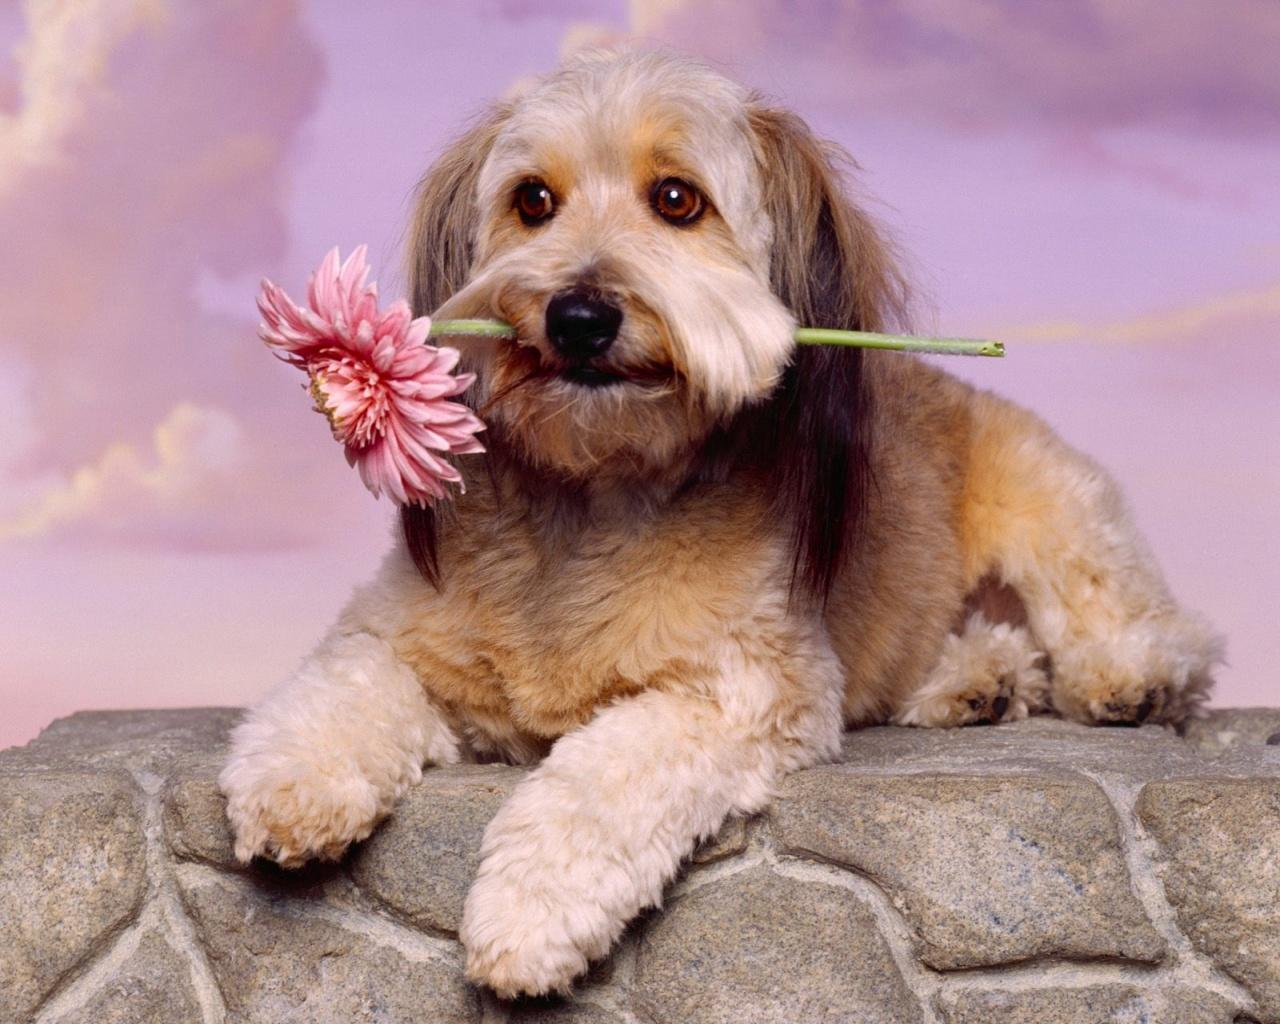 Glen of Imaal Terrier dog with flower wallpaper